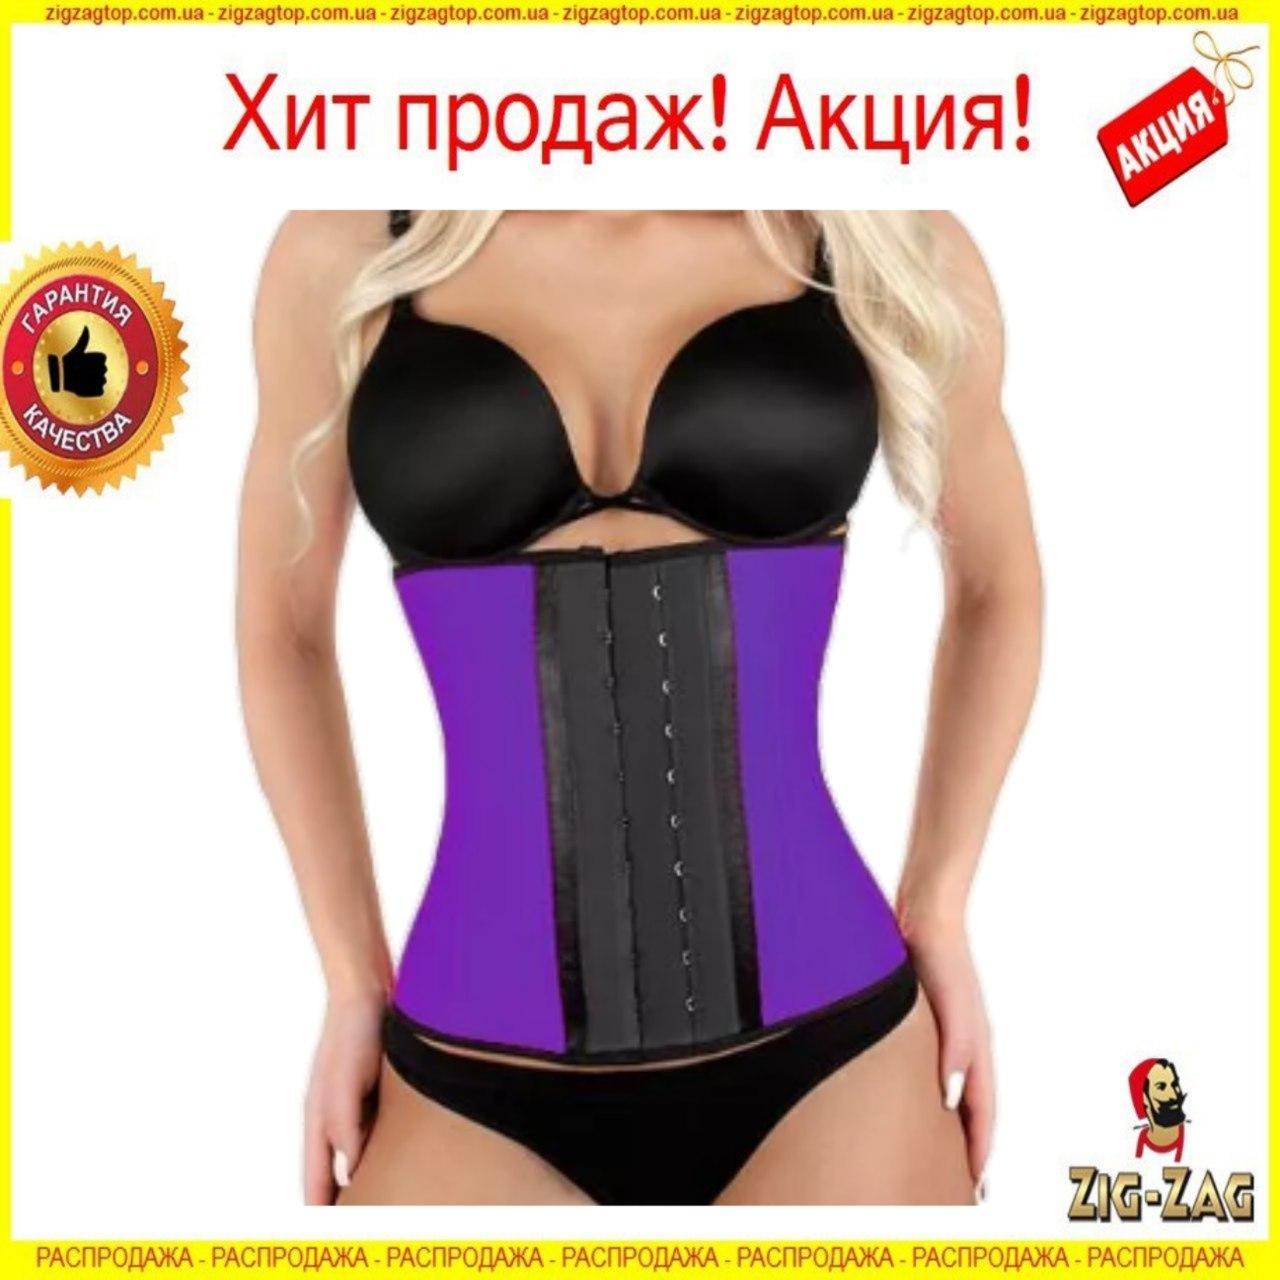 Стягуючий Корсет SCULPTING Clothes (коригуючий) без бретелей для схуднення, пояс для схуднення NEW!